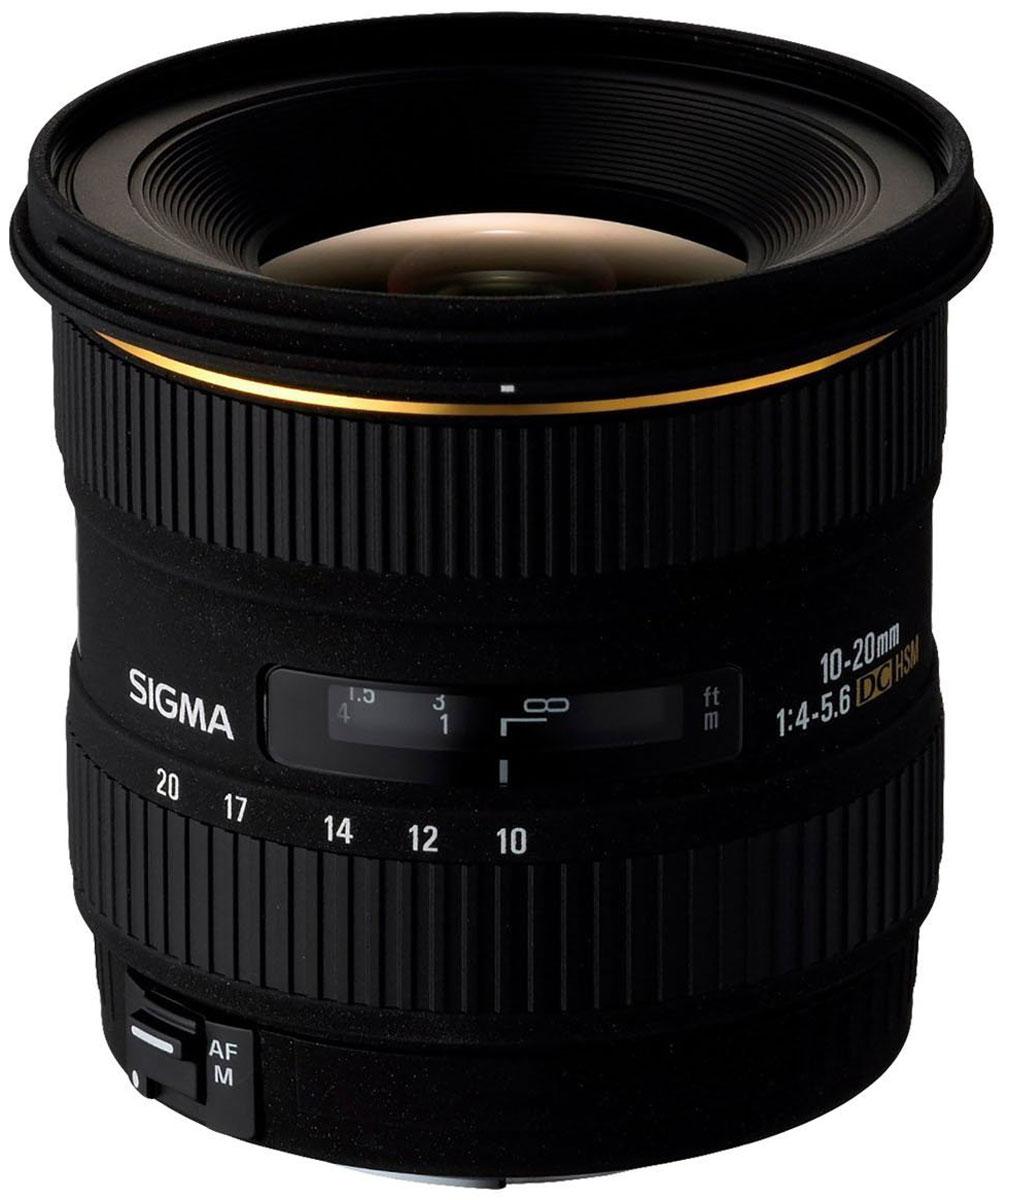 SigmaAF10-20mmF/3.5EXDCHSM, Black объектив для Canon202954Двукратный сверхширокоугольный объектив SigmaAF10-20mmF/3.5 EXDCHSM открывает отличные возможности широкоугольной съемки как в помещении, так и на открытом воздухе. Даже с учетом кроп-фактора его диапазон фокусных расстояний охватывает наиболее употребительные широкоугольные значения 15 – 30 мм. Высокая постоянная светосила дает возможность с удобством использовать объектив в пасмурную погоду или для съемки в помещении. Угол поля зрения изменяется в пределах 102,4° - 63,8° (в зависимости от исполнения), что позволяет получать преувеличенную перспективу и с успехом решать самые сложные творческие задачи.Объектив AF 10-20 mm F/3.5 EX DC HSM специально предназначен для использования с цифровыми камерами и формирует круг изображения, в точности соответствующий площади сенсора формата APS-C. Уменьшение круга изображения позволило сделать объектив более легким и компактным, благодаря чему AF 10-20 mm F/3.5 EX DC HSM сможет с удобством отправиться со своим владельцем в любую поездку или путешествие. Объектив принадлежит к линейке профессиональной оптики Sigma EX, поэтому весьма надежен в эксплуатации и имеет очень прочную конструкцию.Оптическая схема объектива состоит из 13 линз в 10 группах. Использование трех специальных элементов (двух из стекла из стекла ELD со сверхнизким и одного из стекла SLD с низким уровнем дисперсии) позволило свести к минимуму хроматическую аберрацию. Кроме того, в конструкции предусмотрено четыре асферических линзы (две литые и две гибридные), которые эффективно исправляют дисторсию и различные виды аберраций. Оптические элементы выполнены с многослойным просветлением, что исключает появление бликов и переотражений, от которых часто страдают изображения, полученные при помощи цифровых фотокамер. Объектив обеспечивает превосходную резкость, высокий контраст и правильную цветопередачу при любом значении фокусного расстояния.Автофокусировка осуществляется при помощи ультразвукового привода 